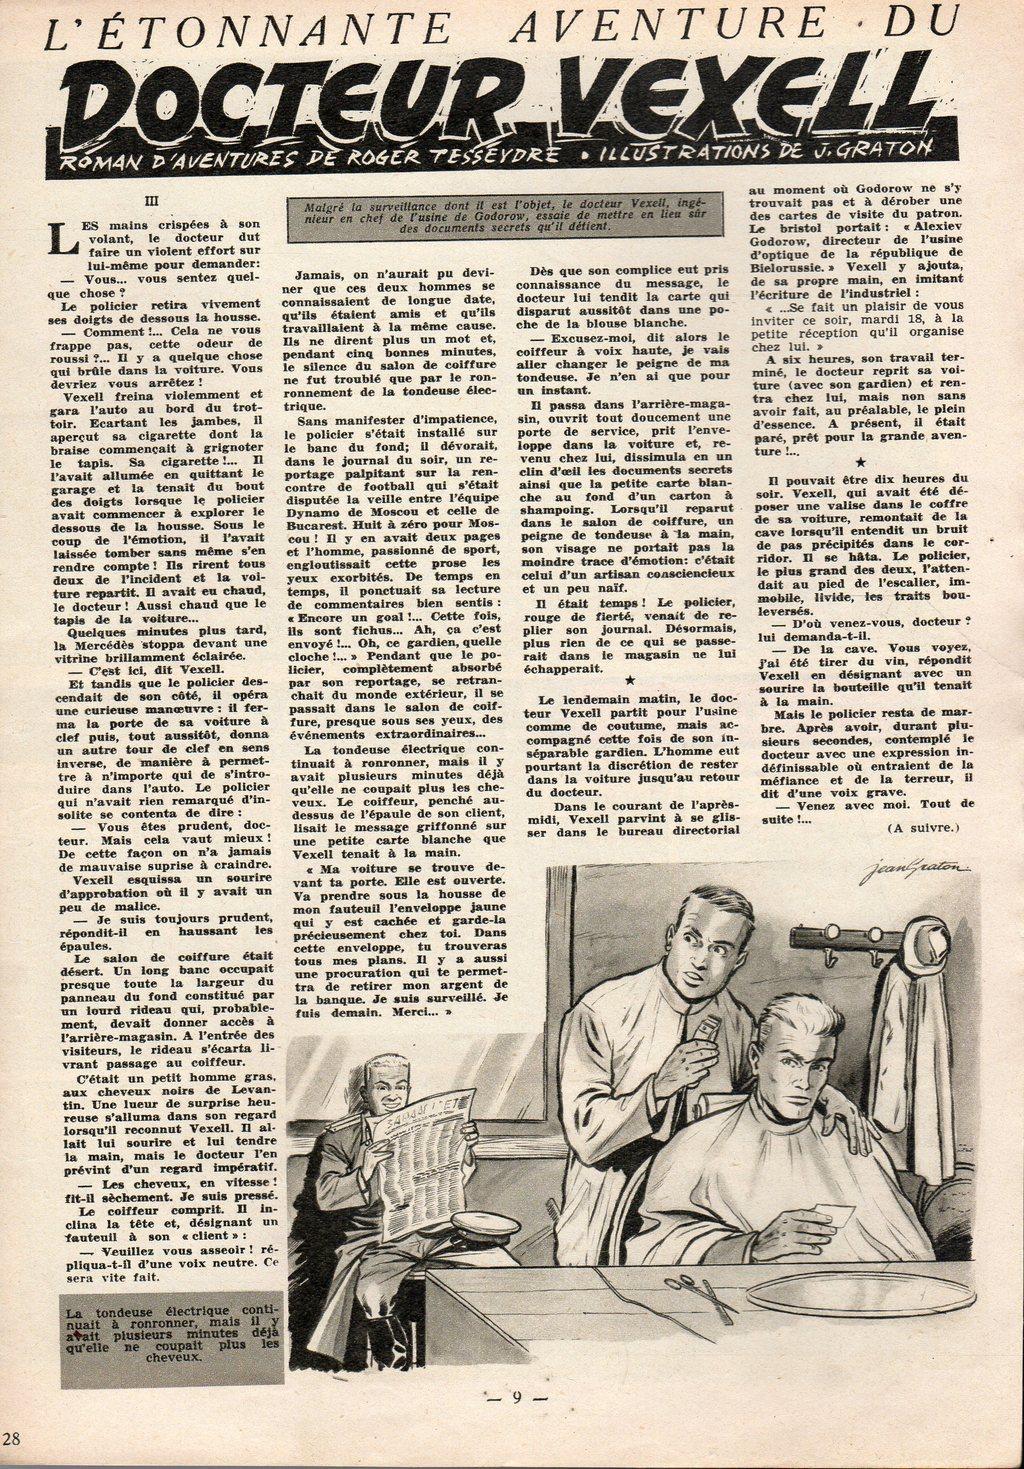 Jean Graton - Tintin 1954 - Dr Vexell (28)